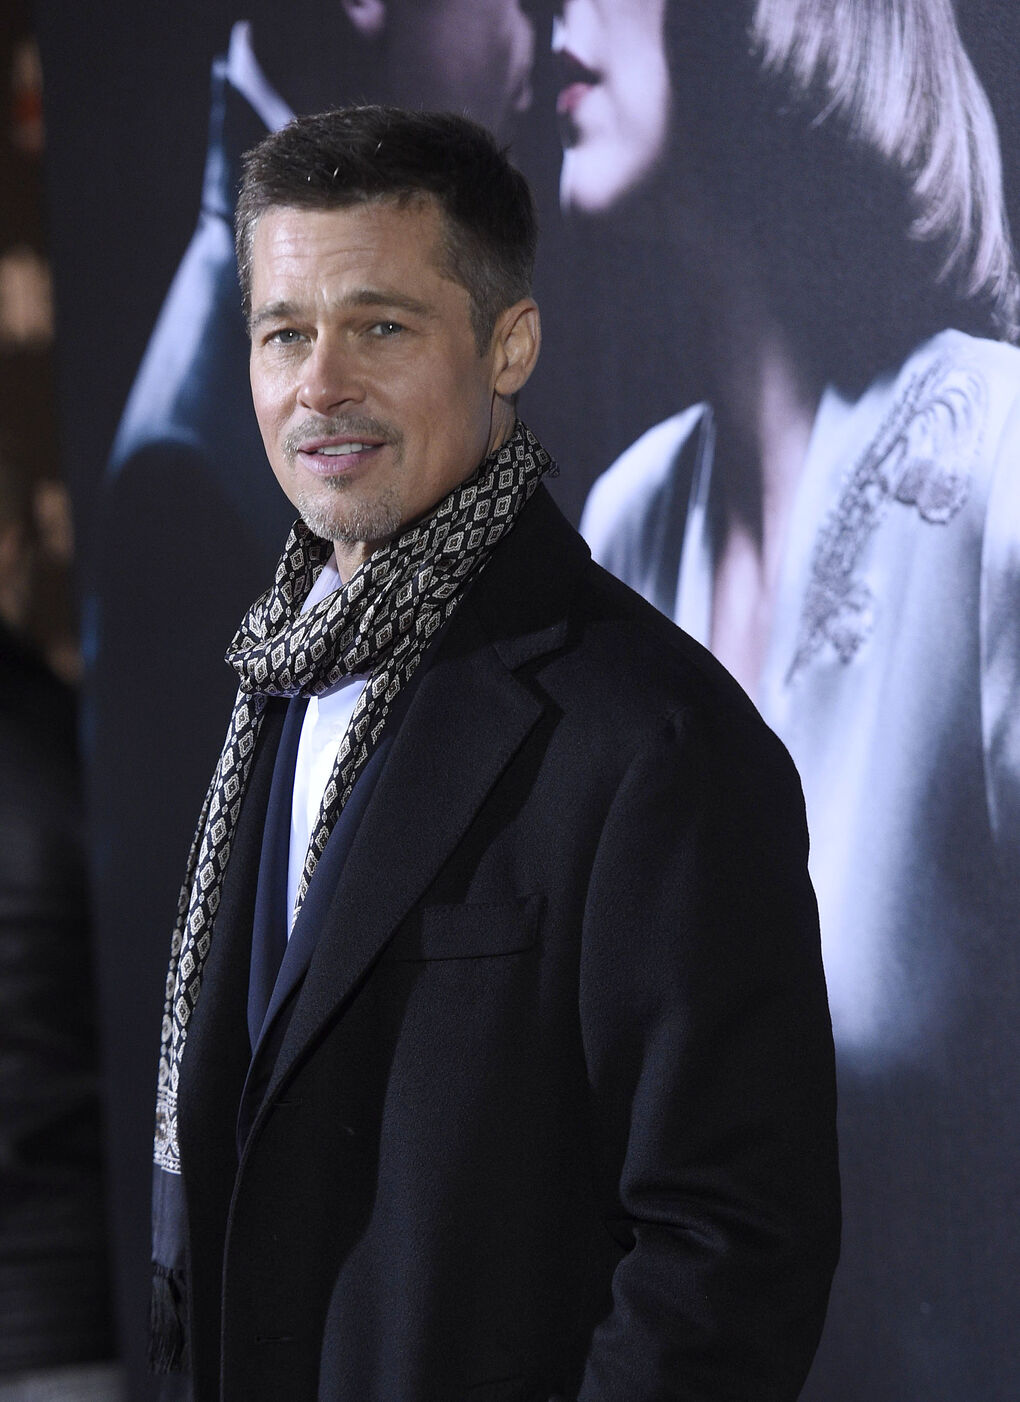 El secreto de Brad Pitt: ya tiene nueva conquista, otra actriz conocida